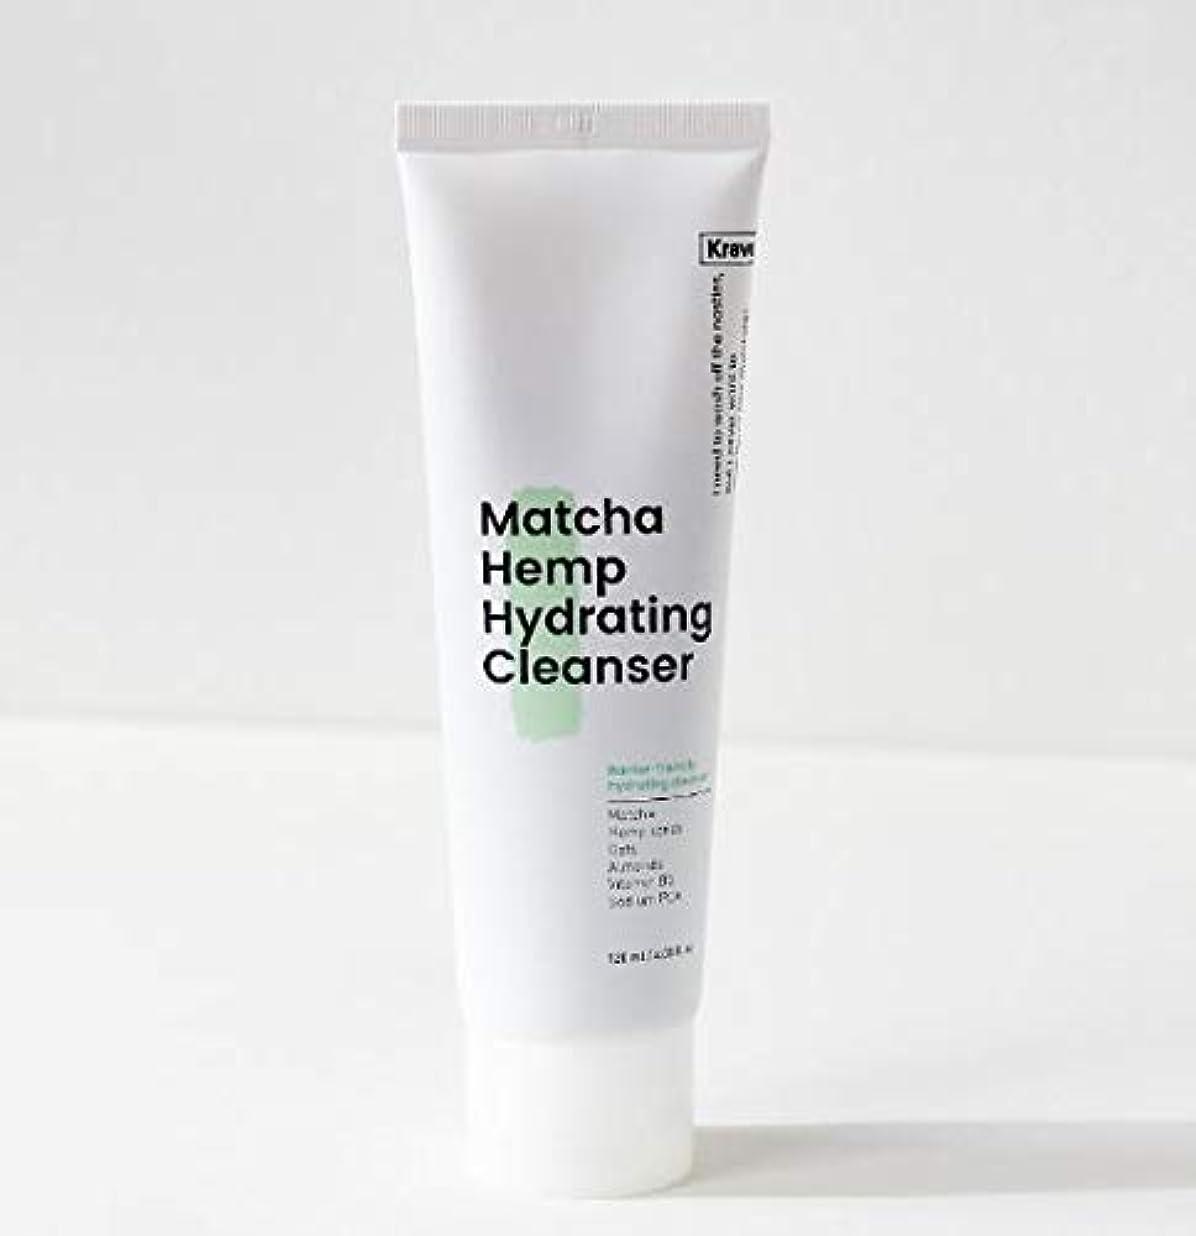 修正するポーン透ける[Krave] Matcha Hemp Hydrating Cleanser 120ml / 抹茶ハイドレイティングクレンザー120ml [並行輸入品]